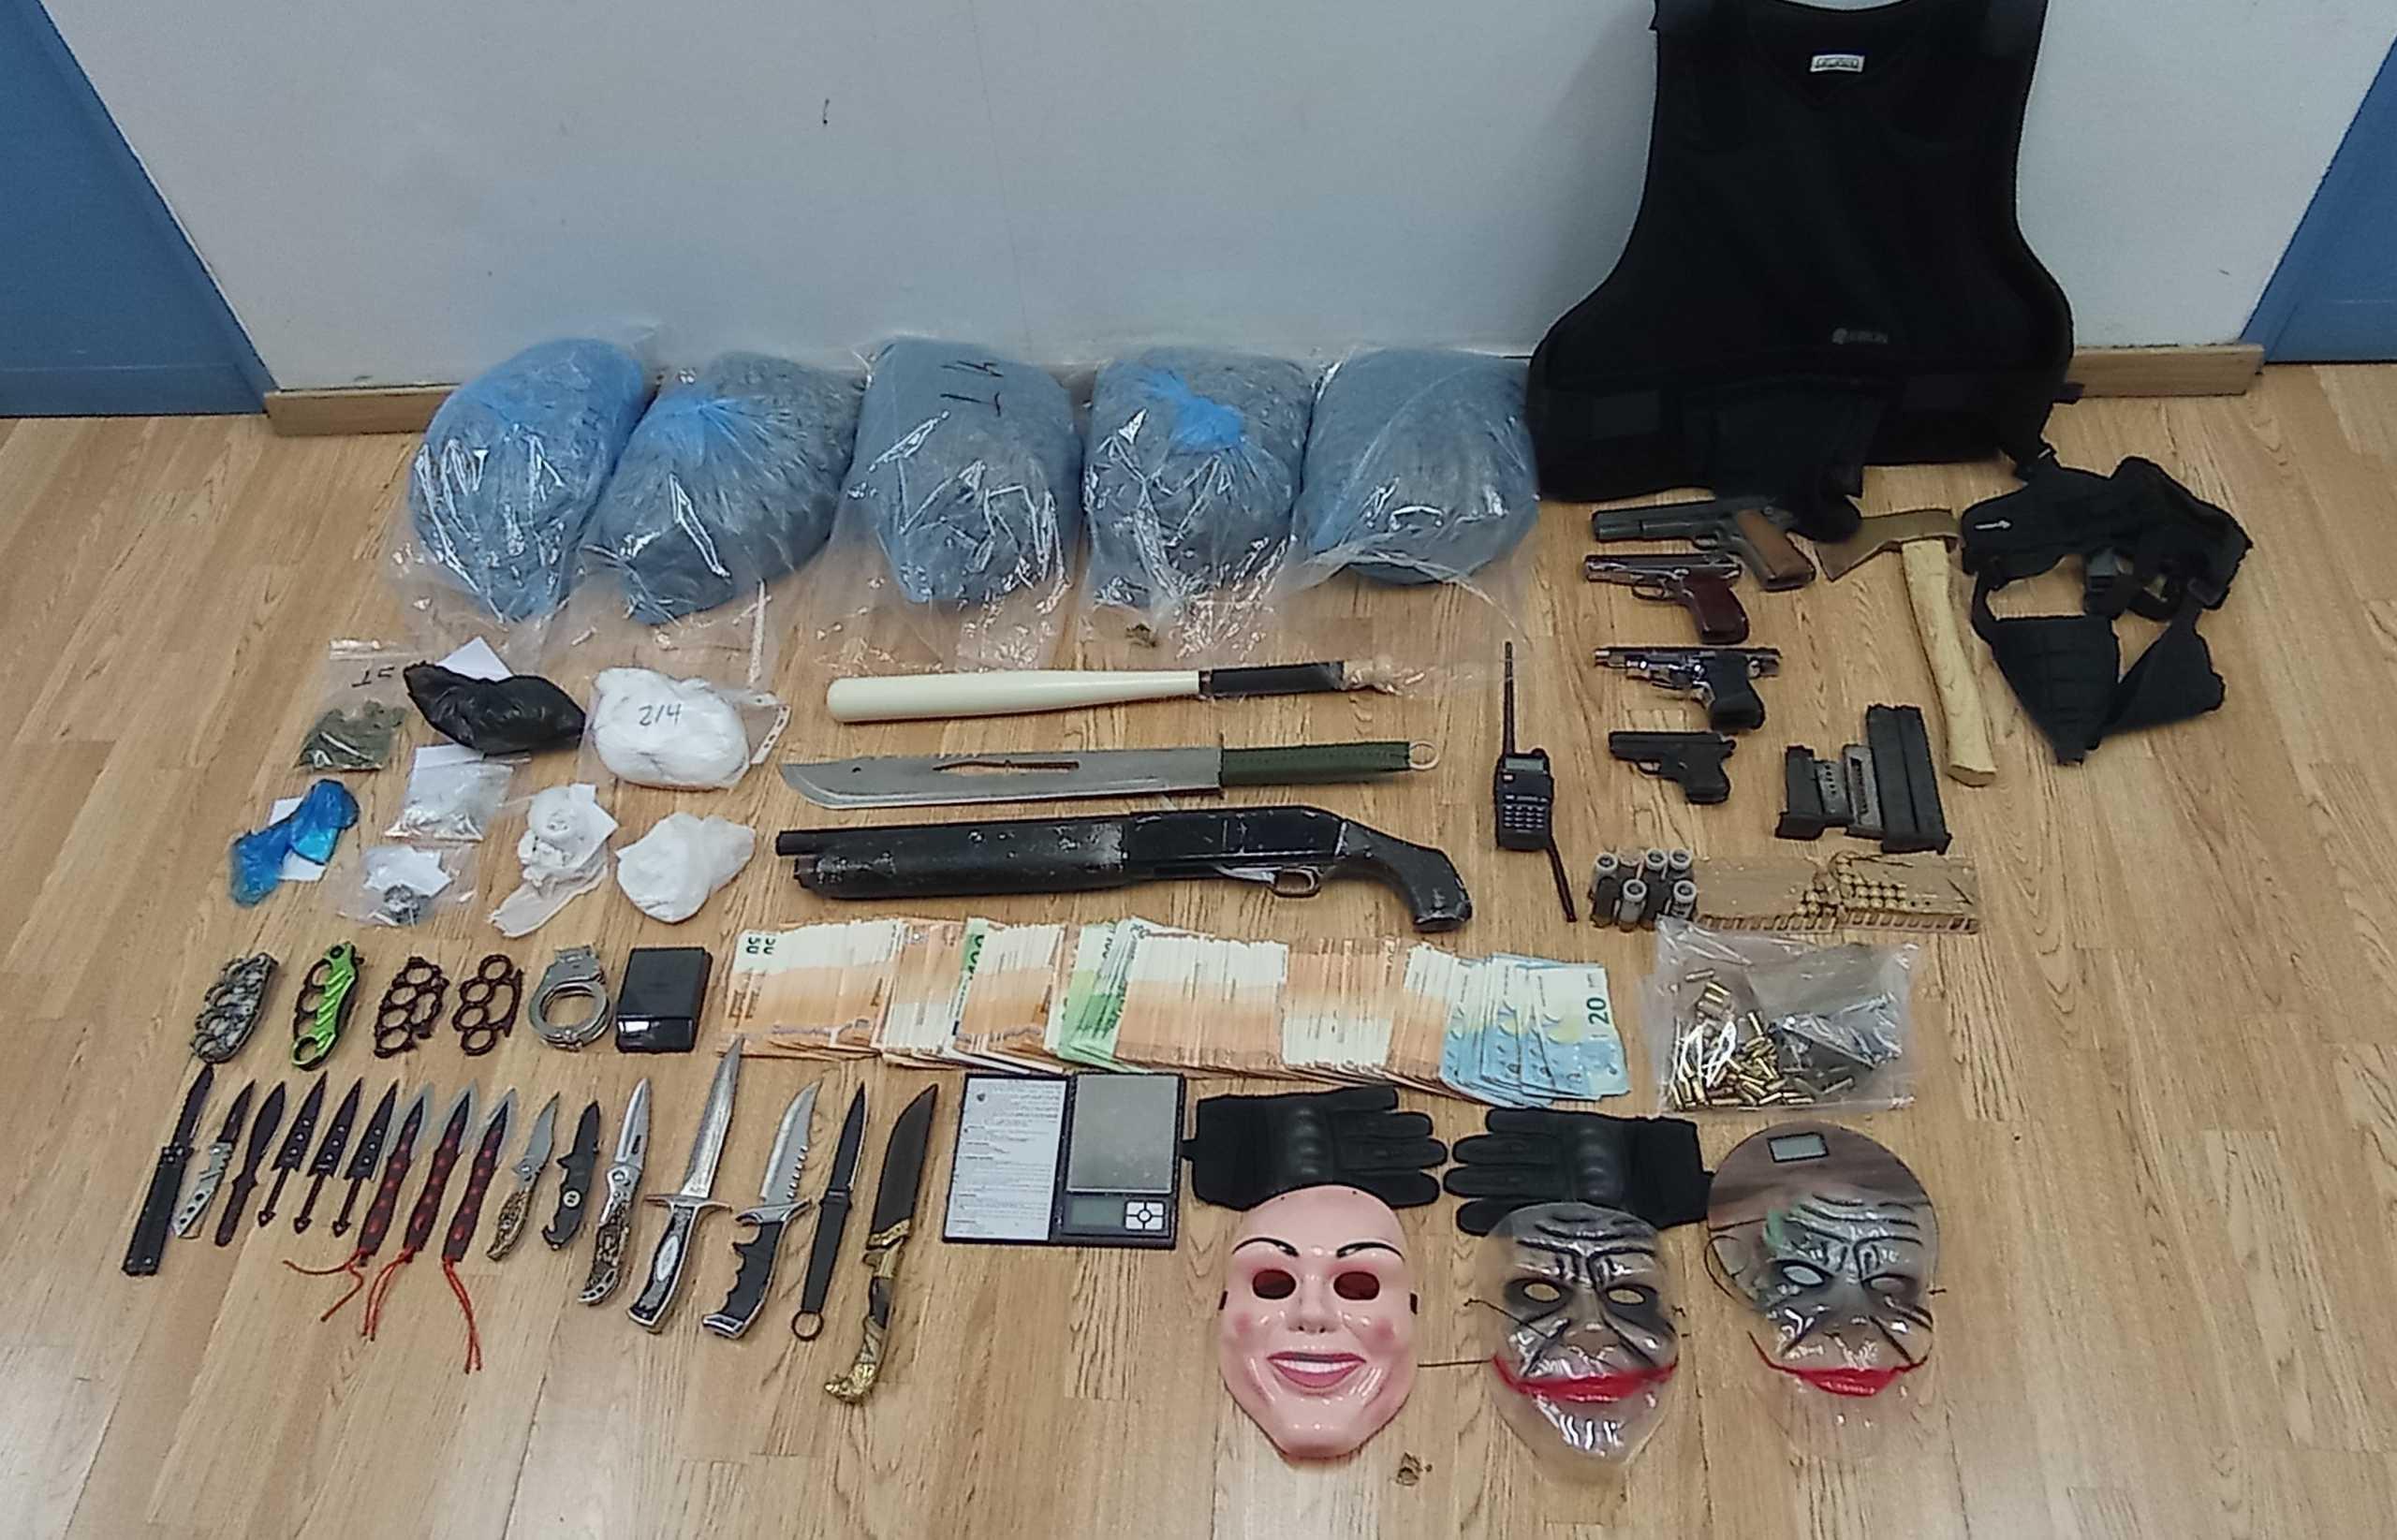 Γέμιζαν με ναρκωτικά τον Πειραιά – Τι έκρυβαν στο οπλοστάσιο τους (pics, video)